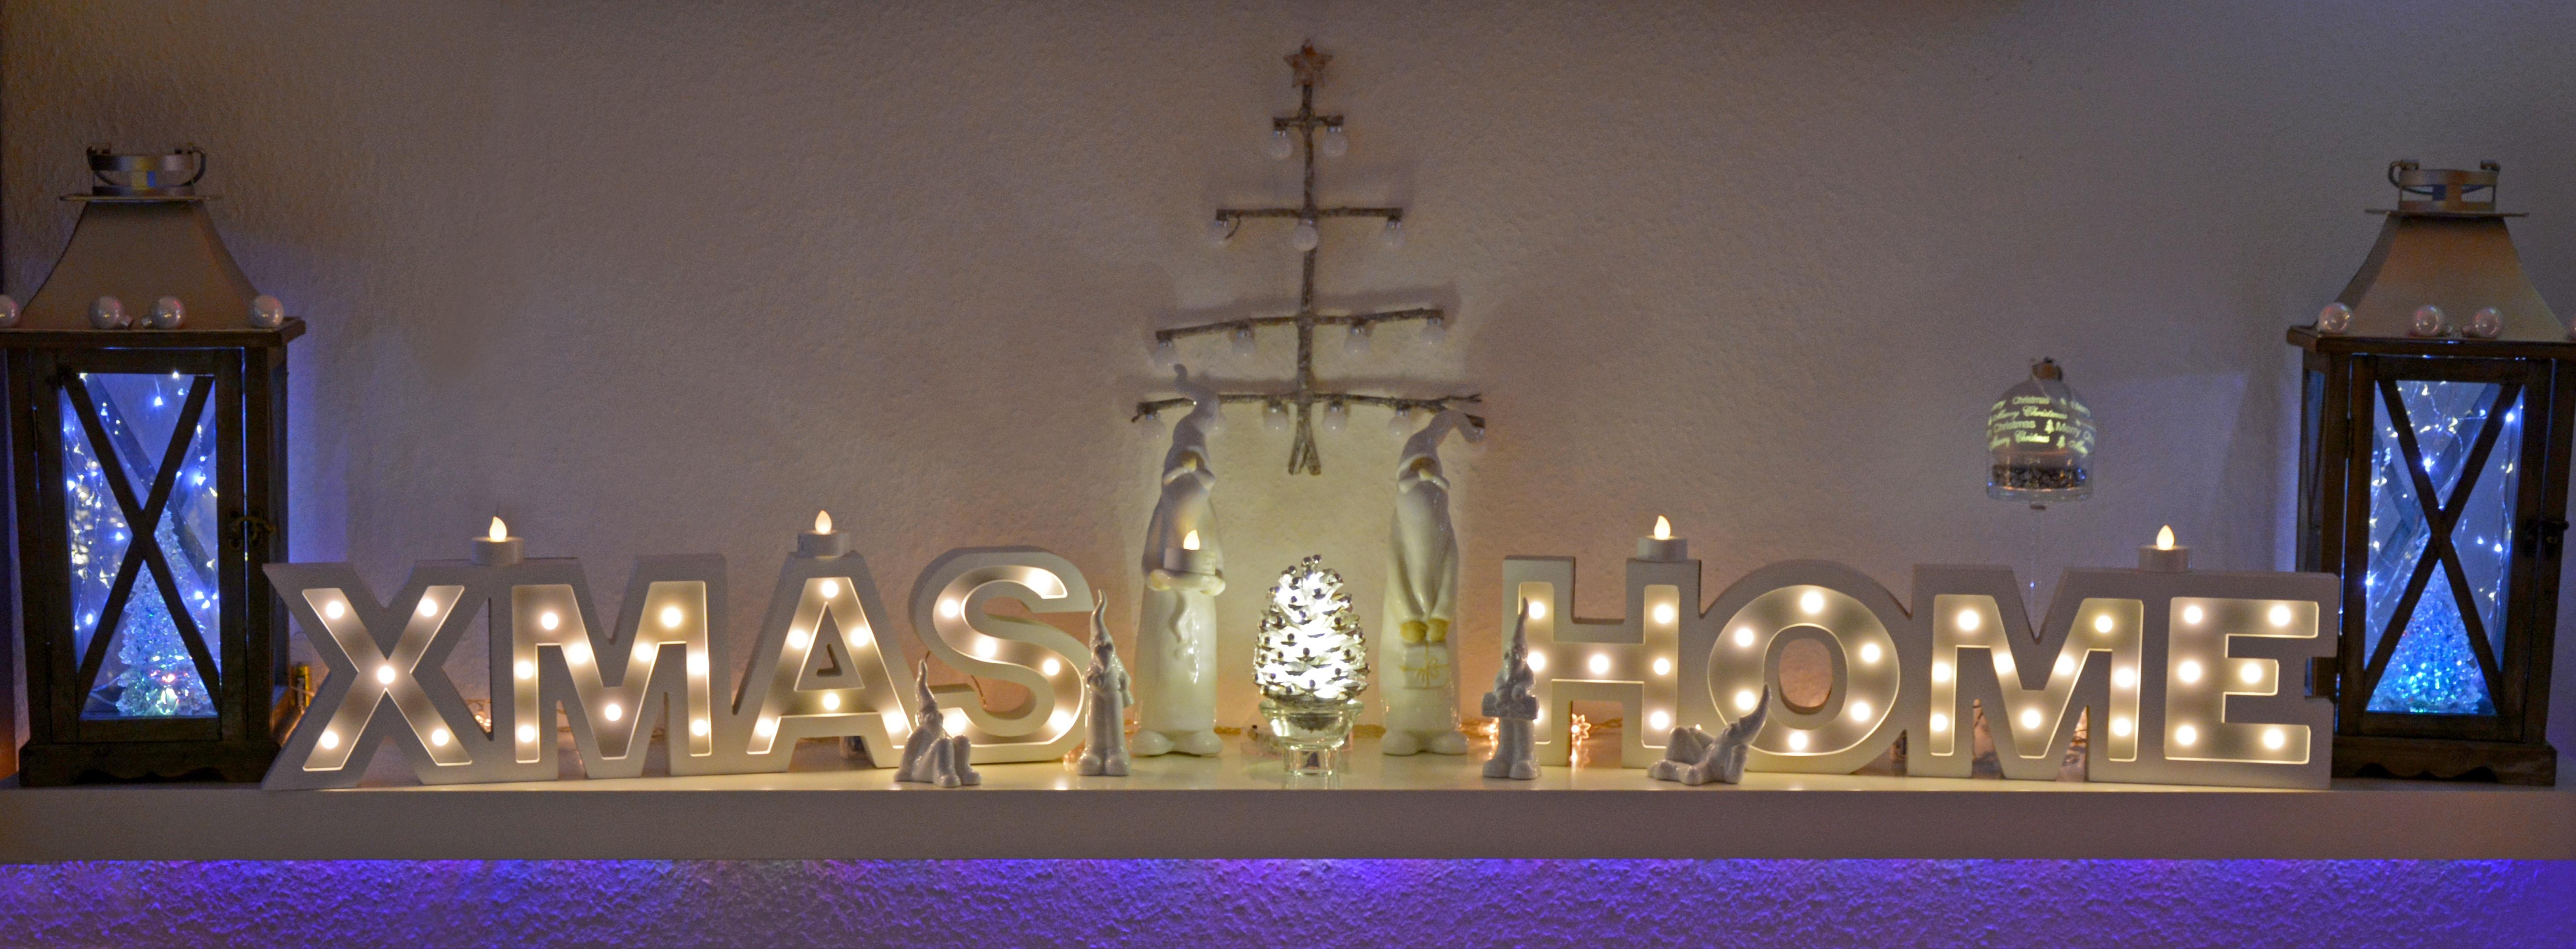 Gratis afbeeldingen winter licht huis kerstmis verlichting deco komst kerst decoratie - Gratis huis deco magazine ...